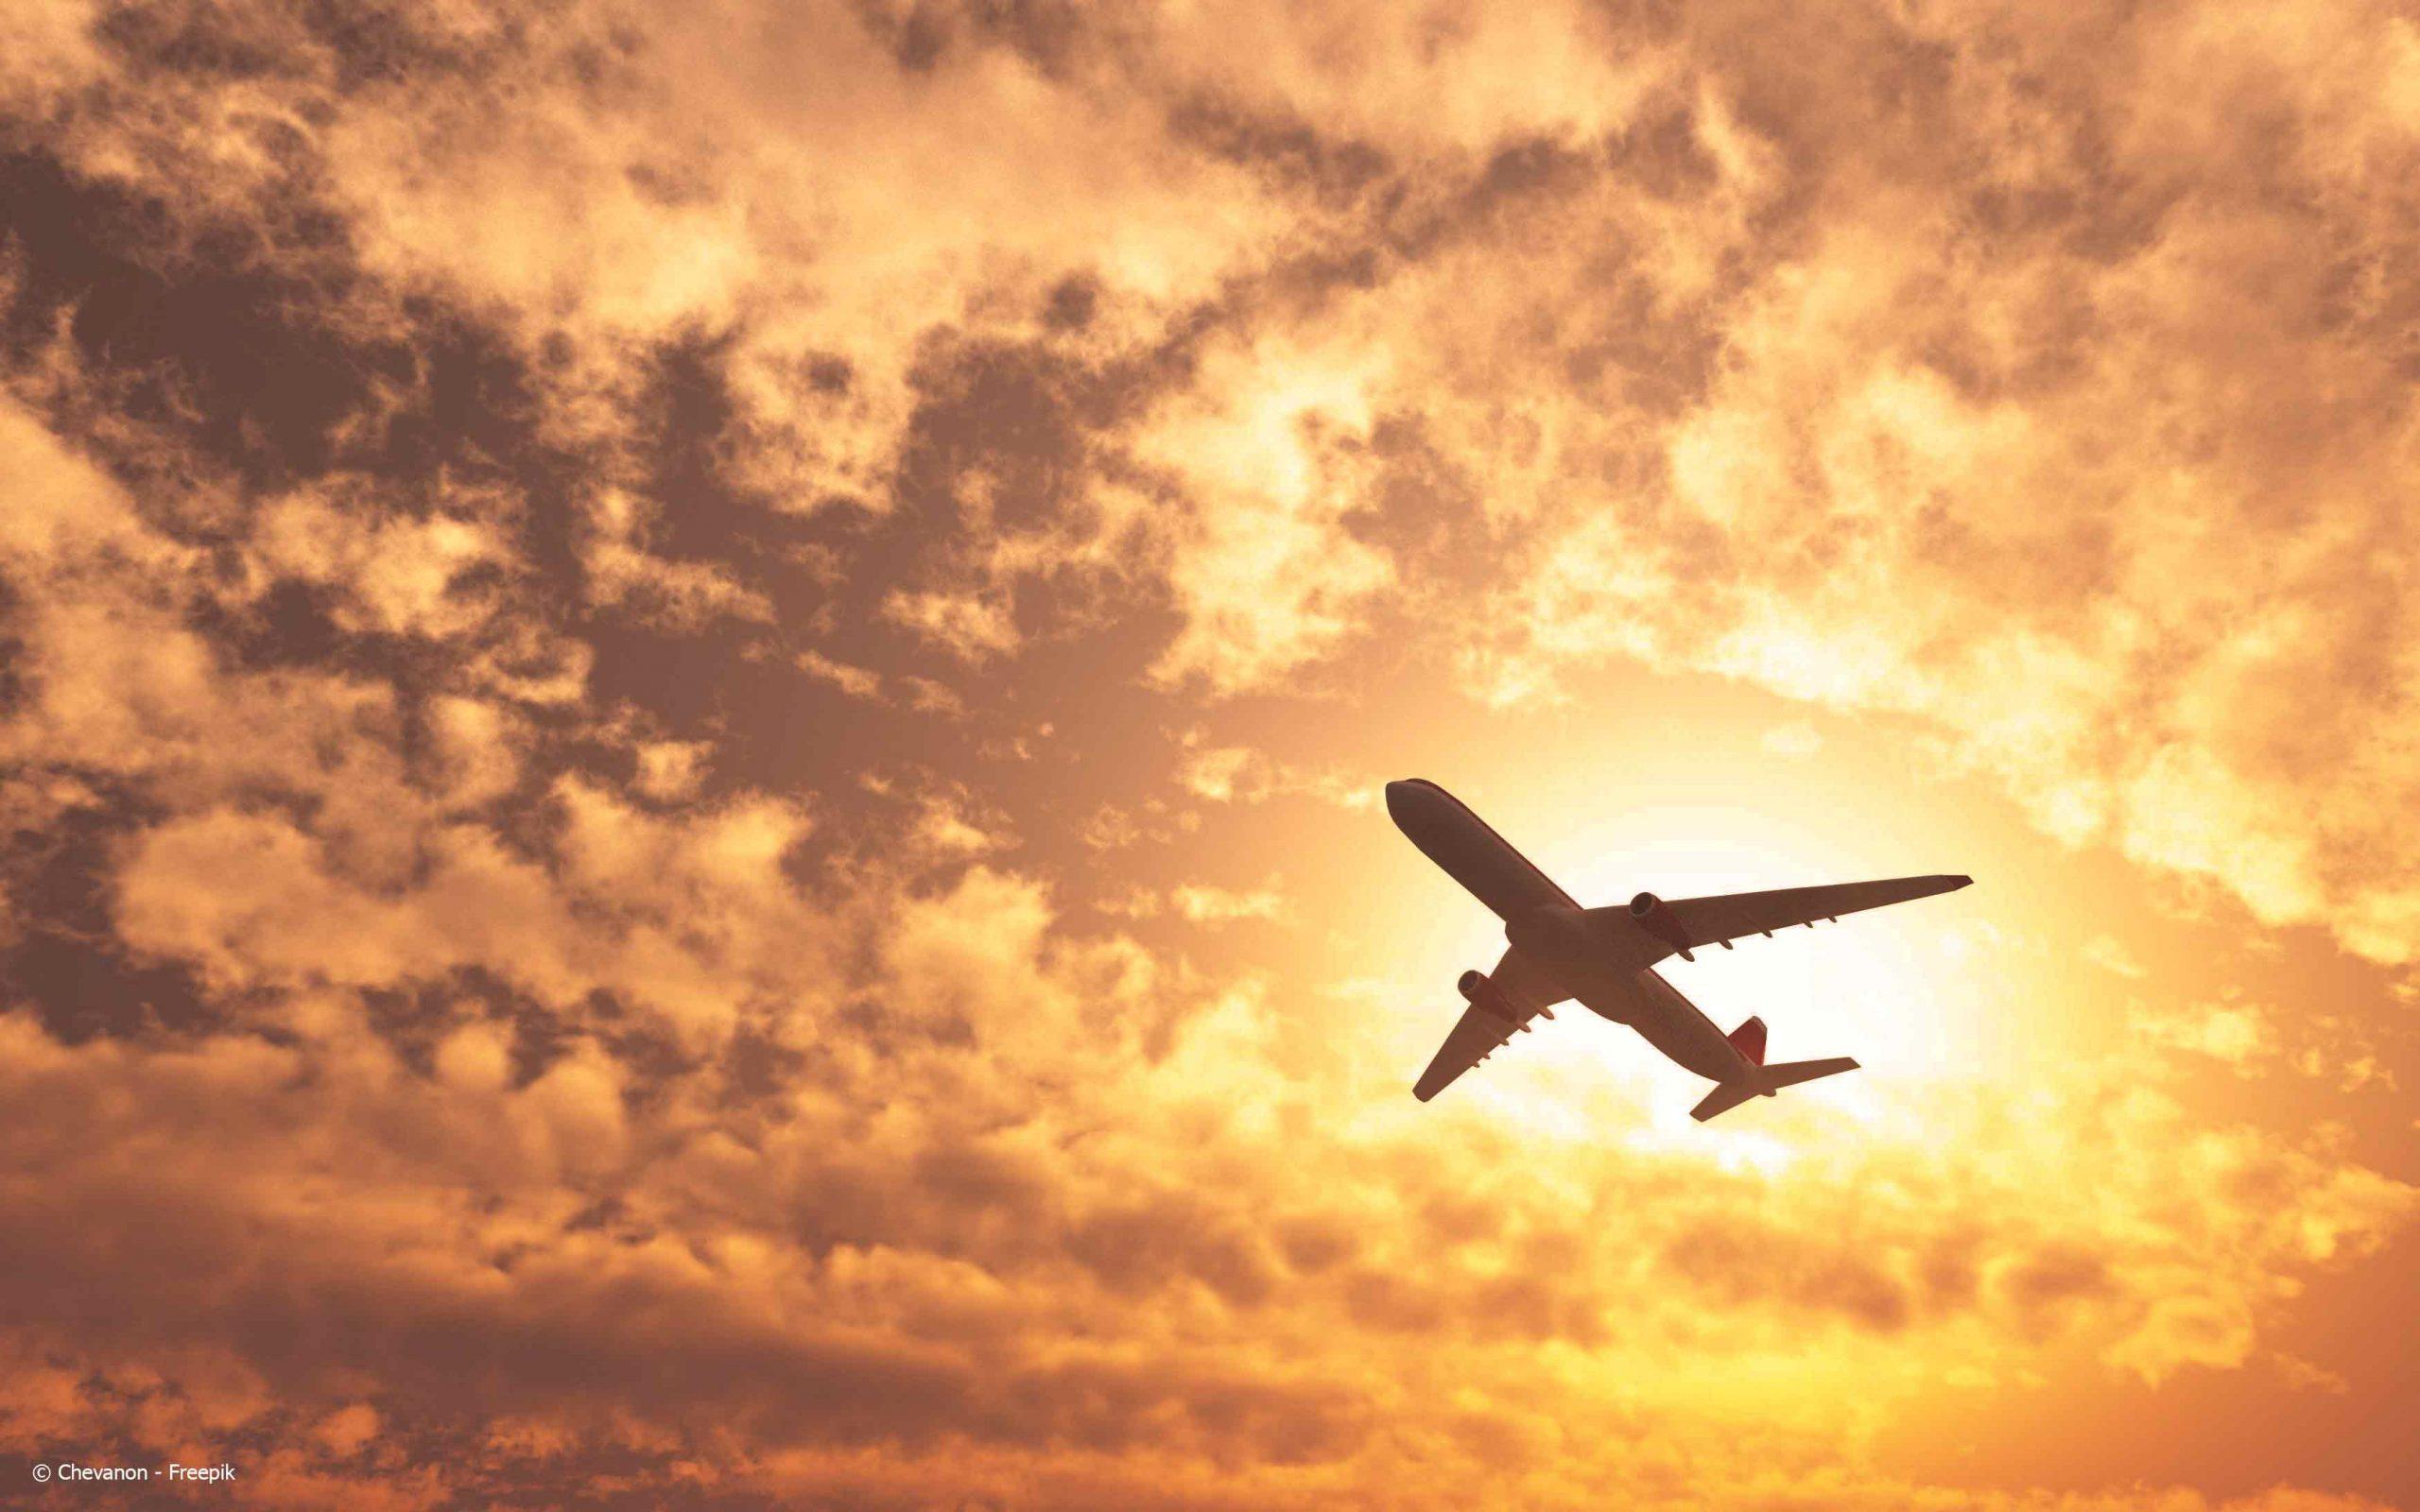 Avion dans le soleil couchant